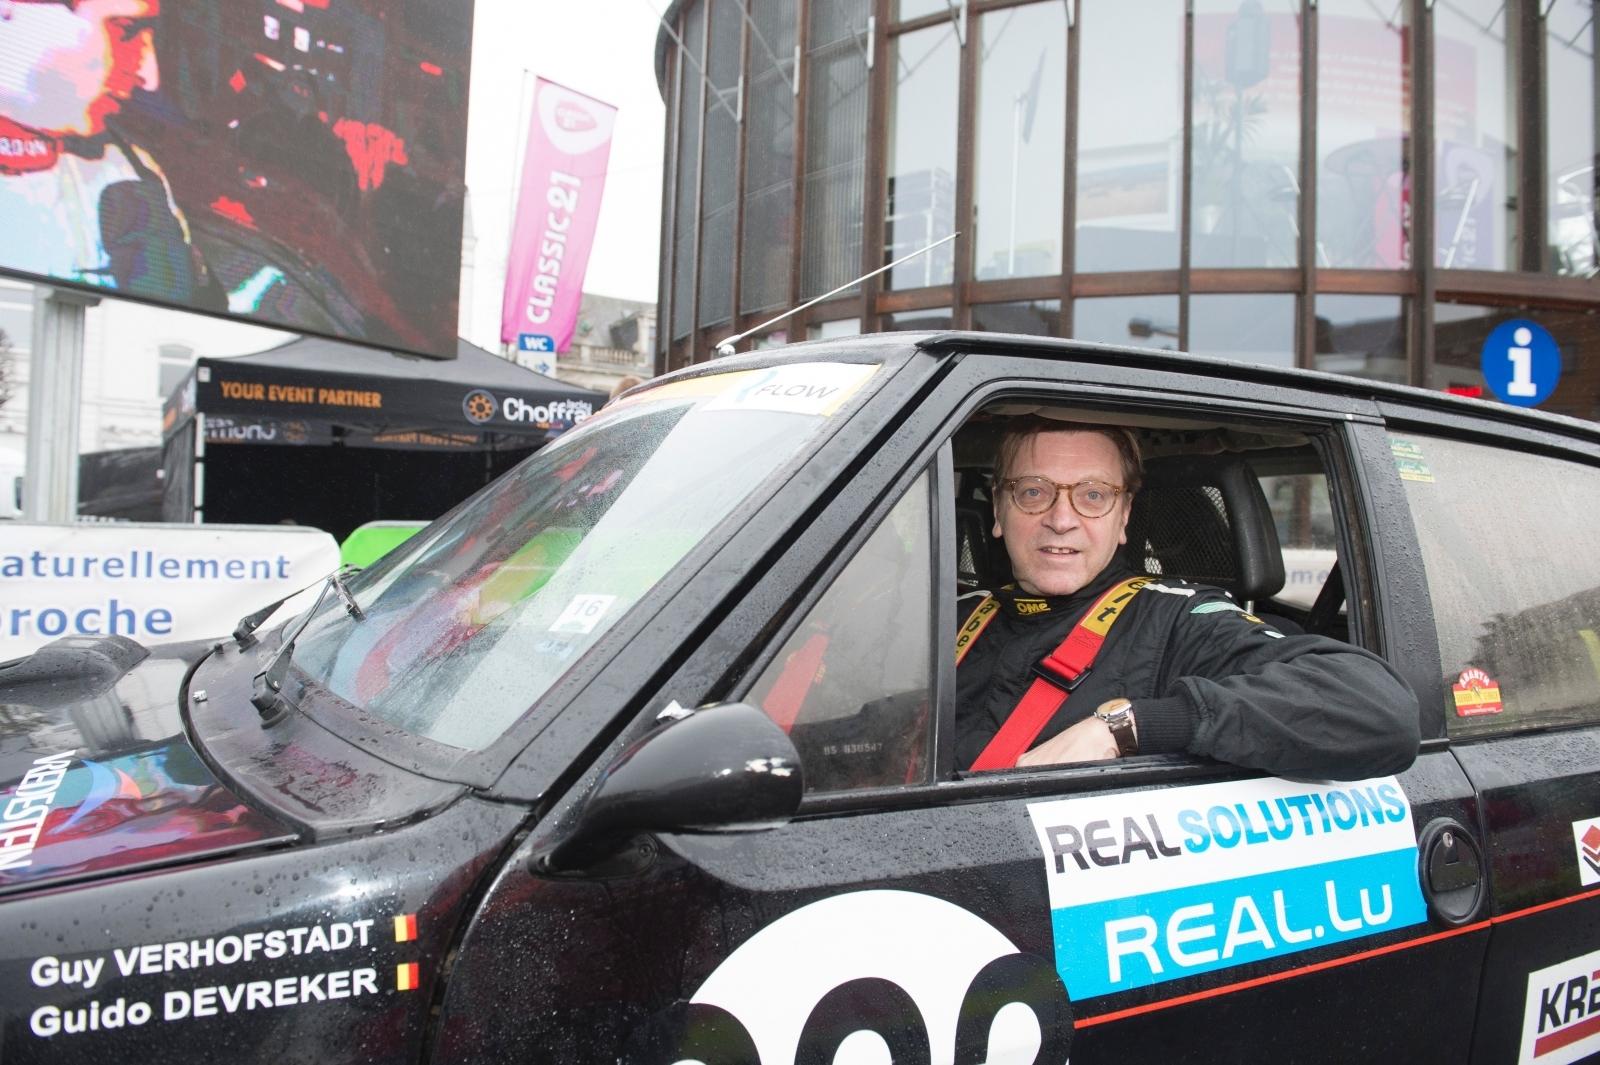 Guy Verhofstadt car